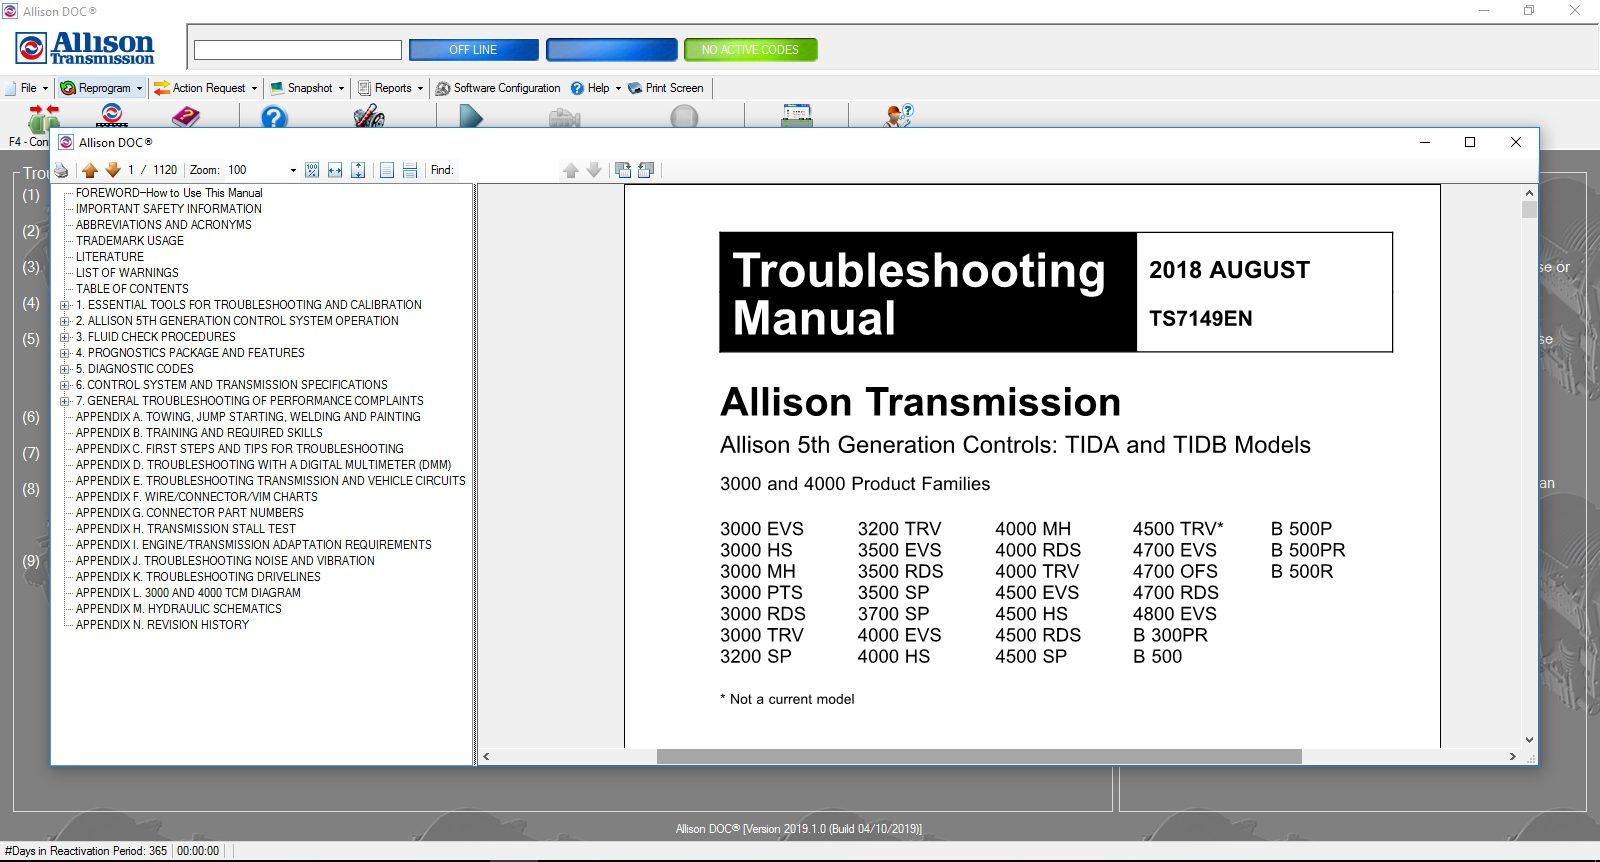 Universal_Allison_DOC_v201910_Build_042019_Transmission_Diagnostic_Software_Full_Instruction_19